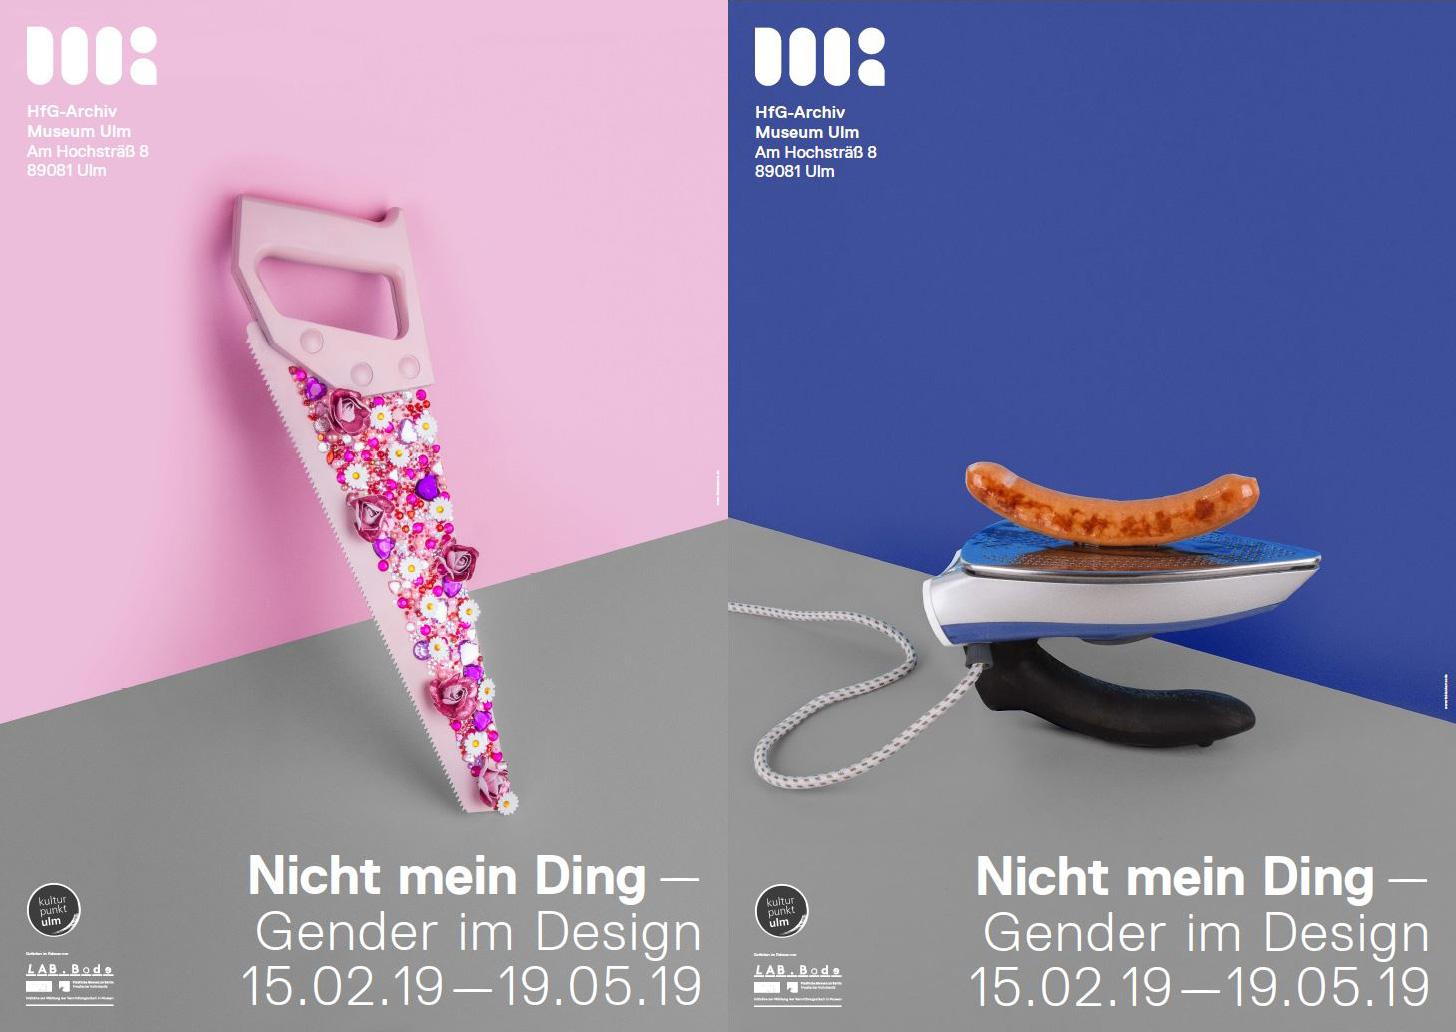 Nicht mein Ding - Gender im Design